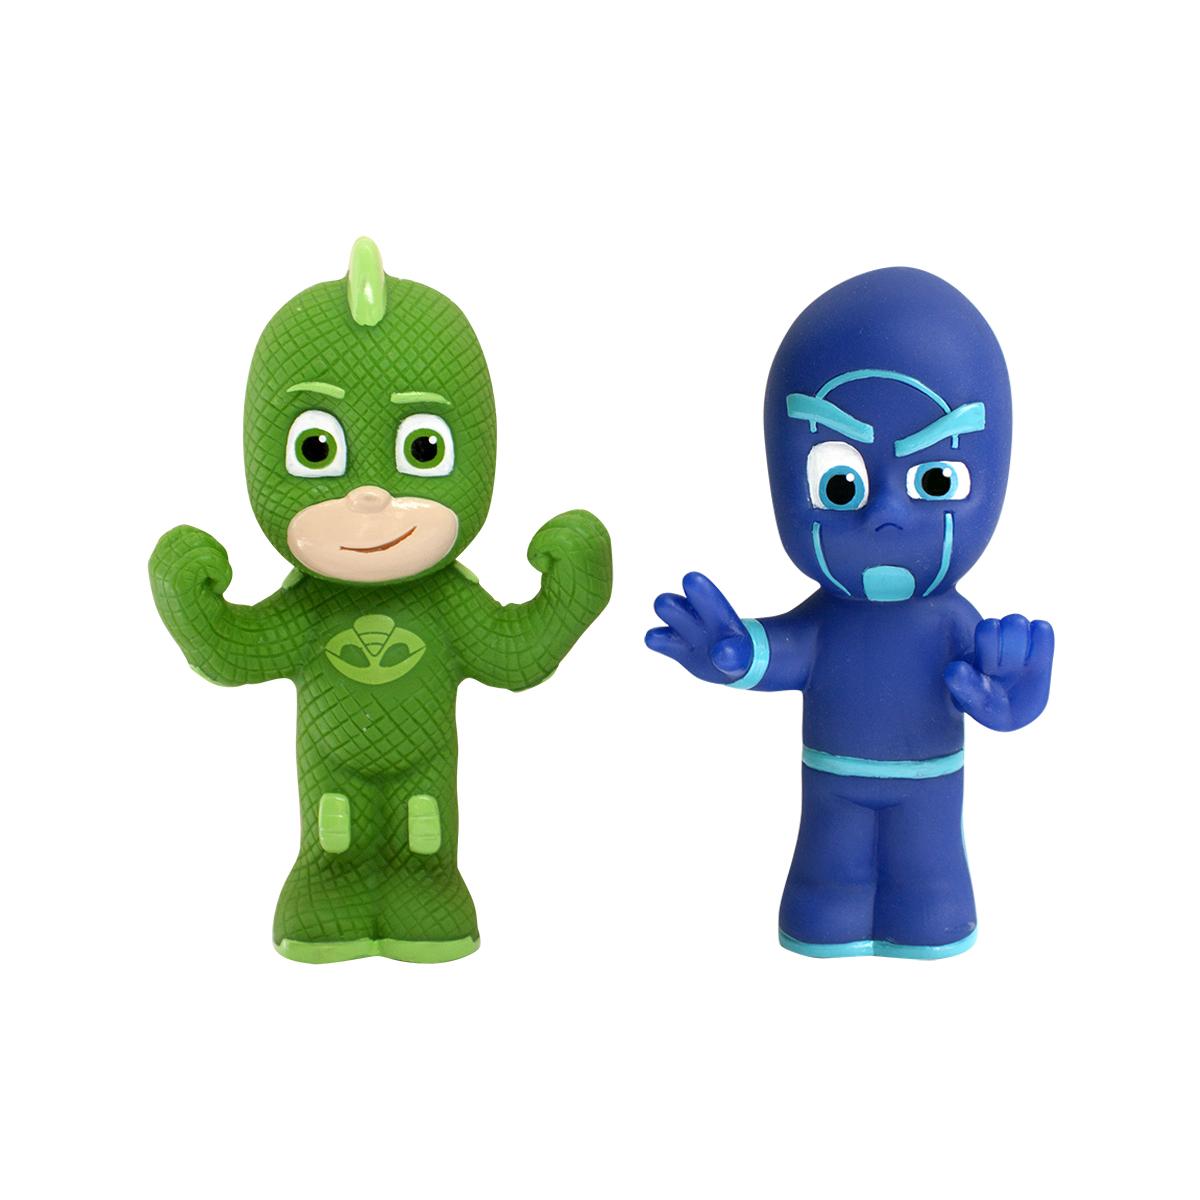 Игрушка для ванны PJ Masks Игровой набор Гекко и Ночной ниндзя игровые фигурки герои в масках pj masks игровой набор гекко и ниндзя 2 фигурки по 8 см